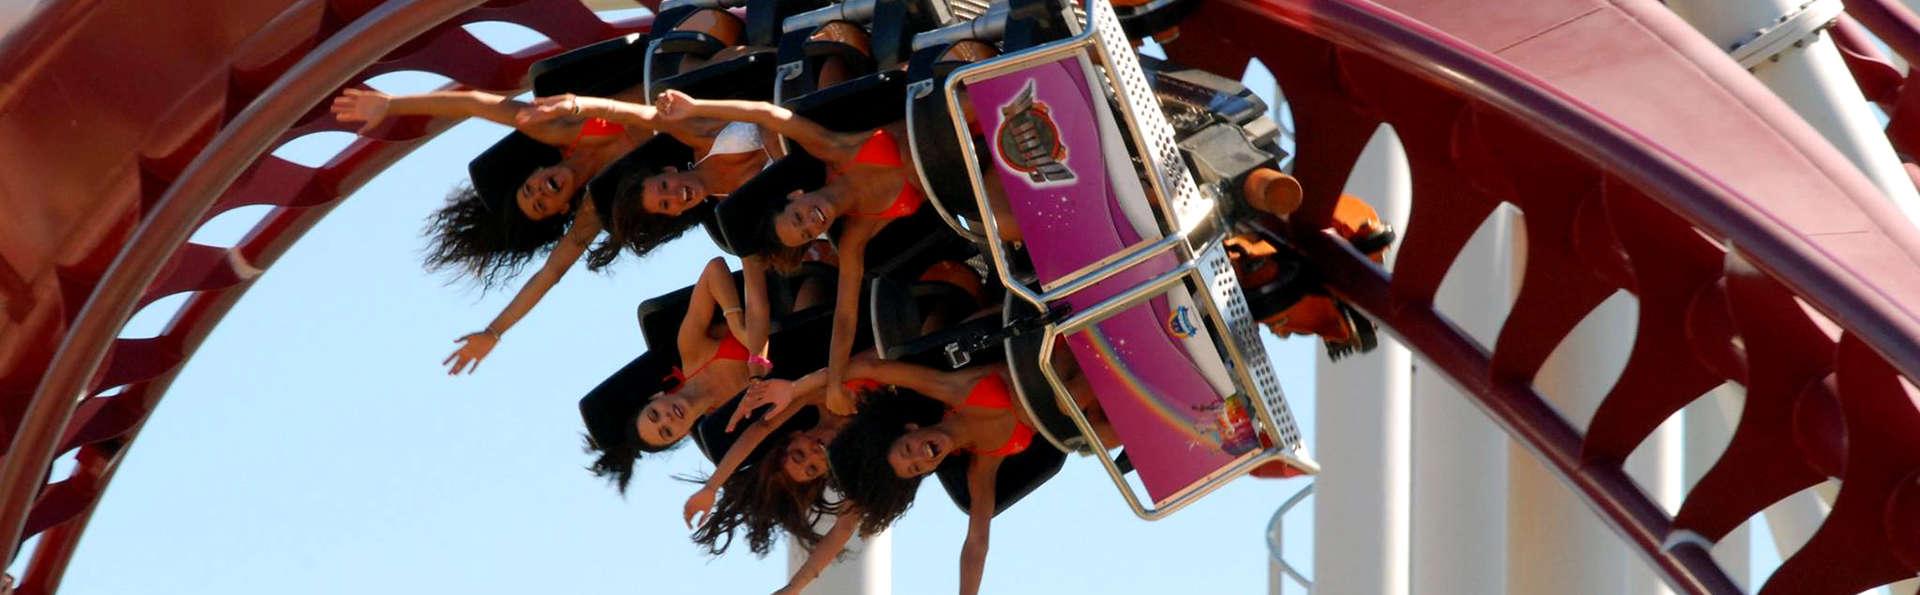 Velocidad y adrenalina en el Rainbow MagicLand! Con estancia en Roma